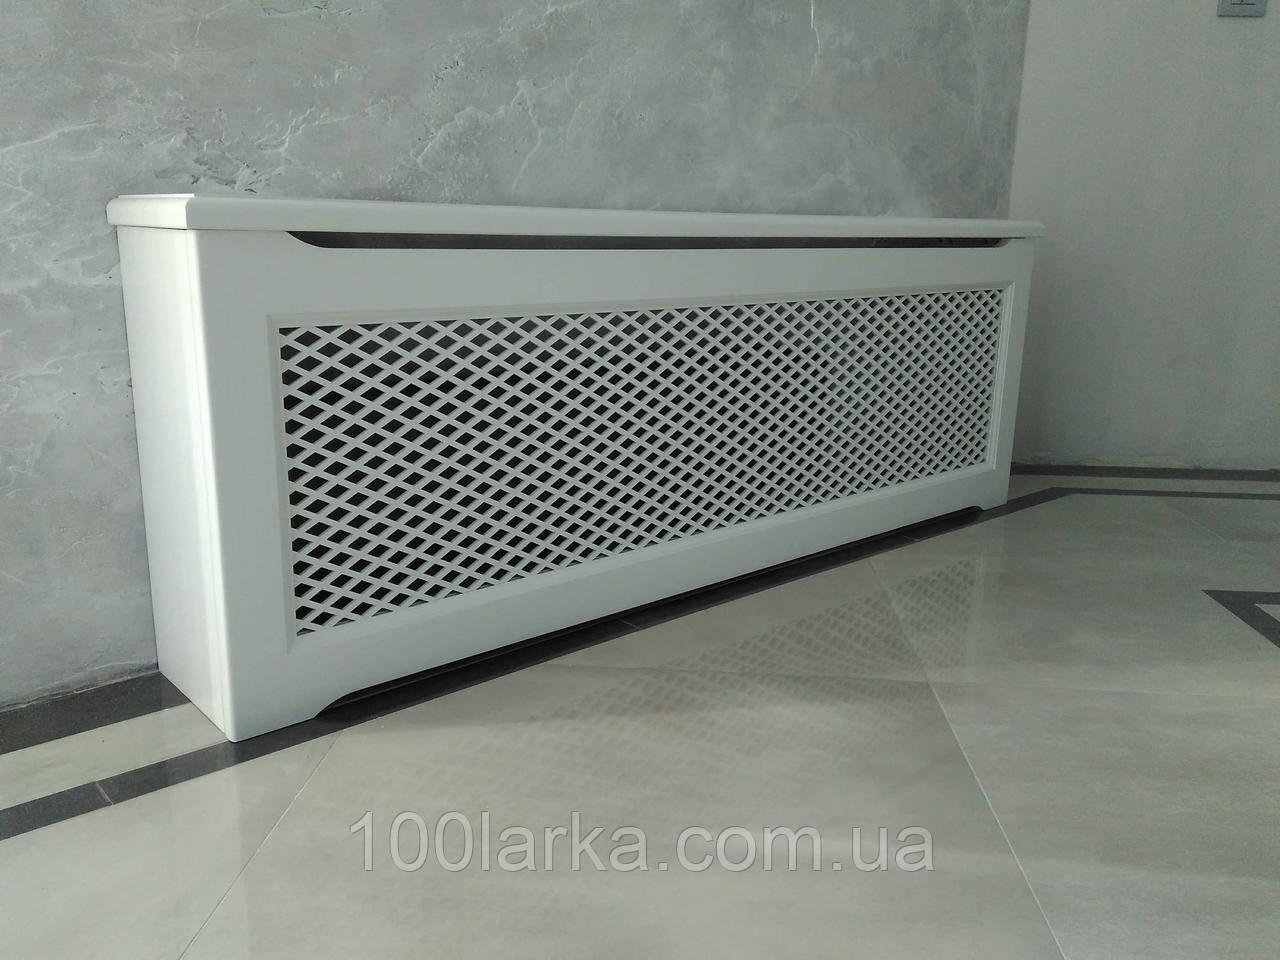 Декоративный экран-решетка (короб) на батарею отопления R107-K